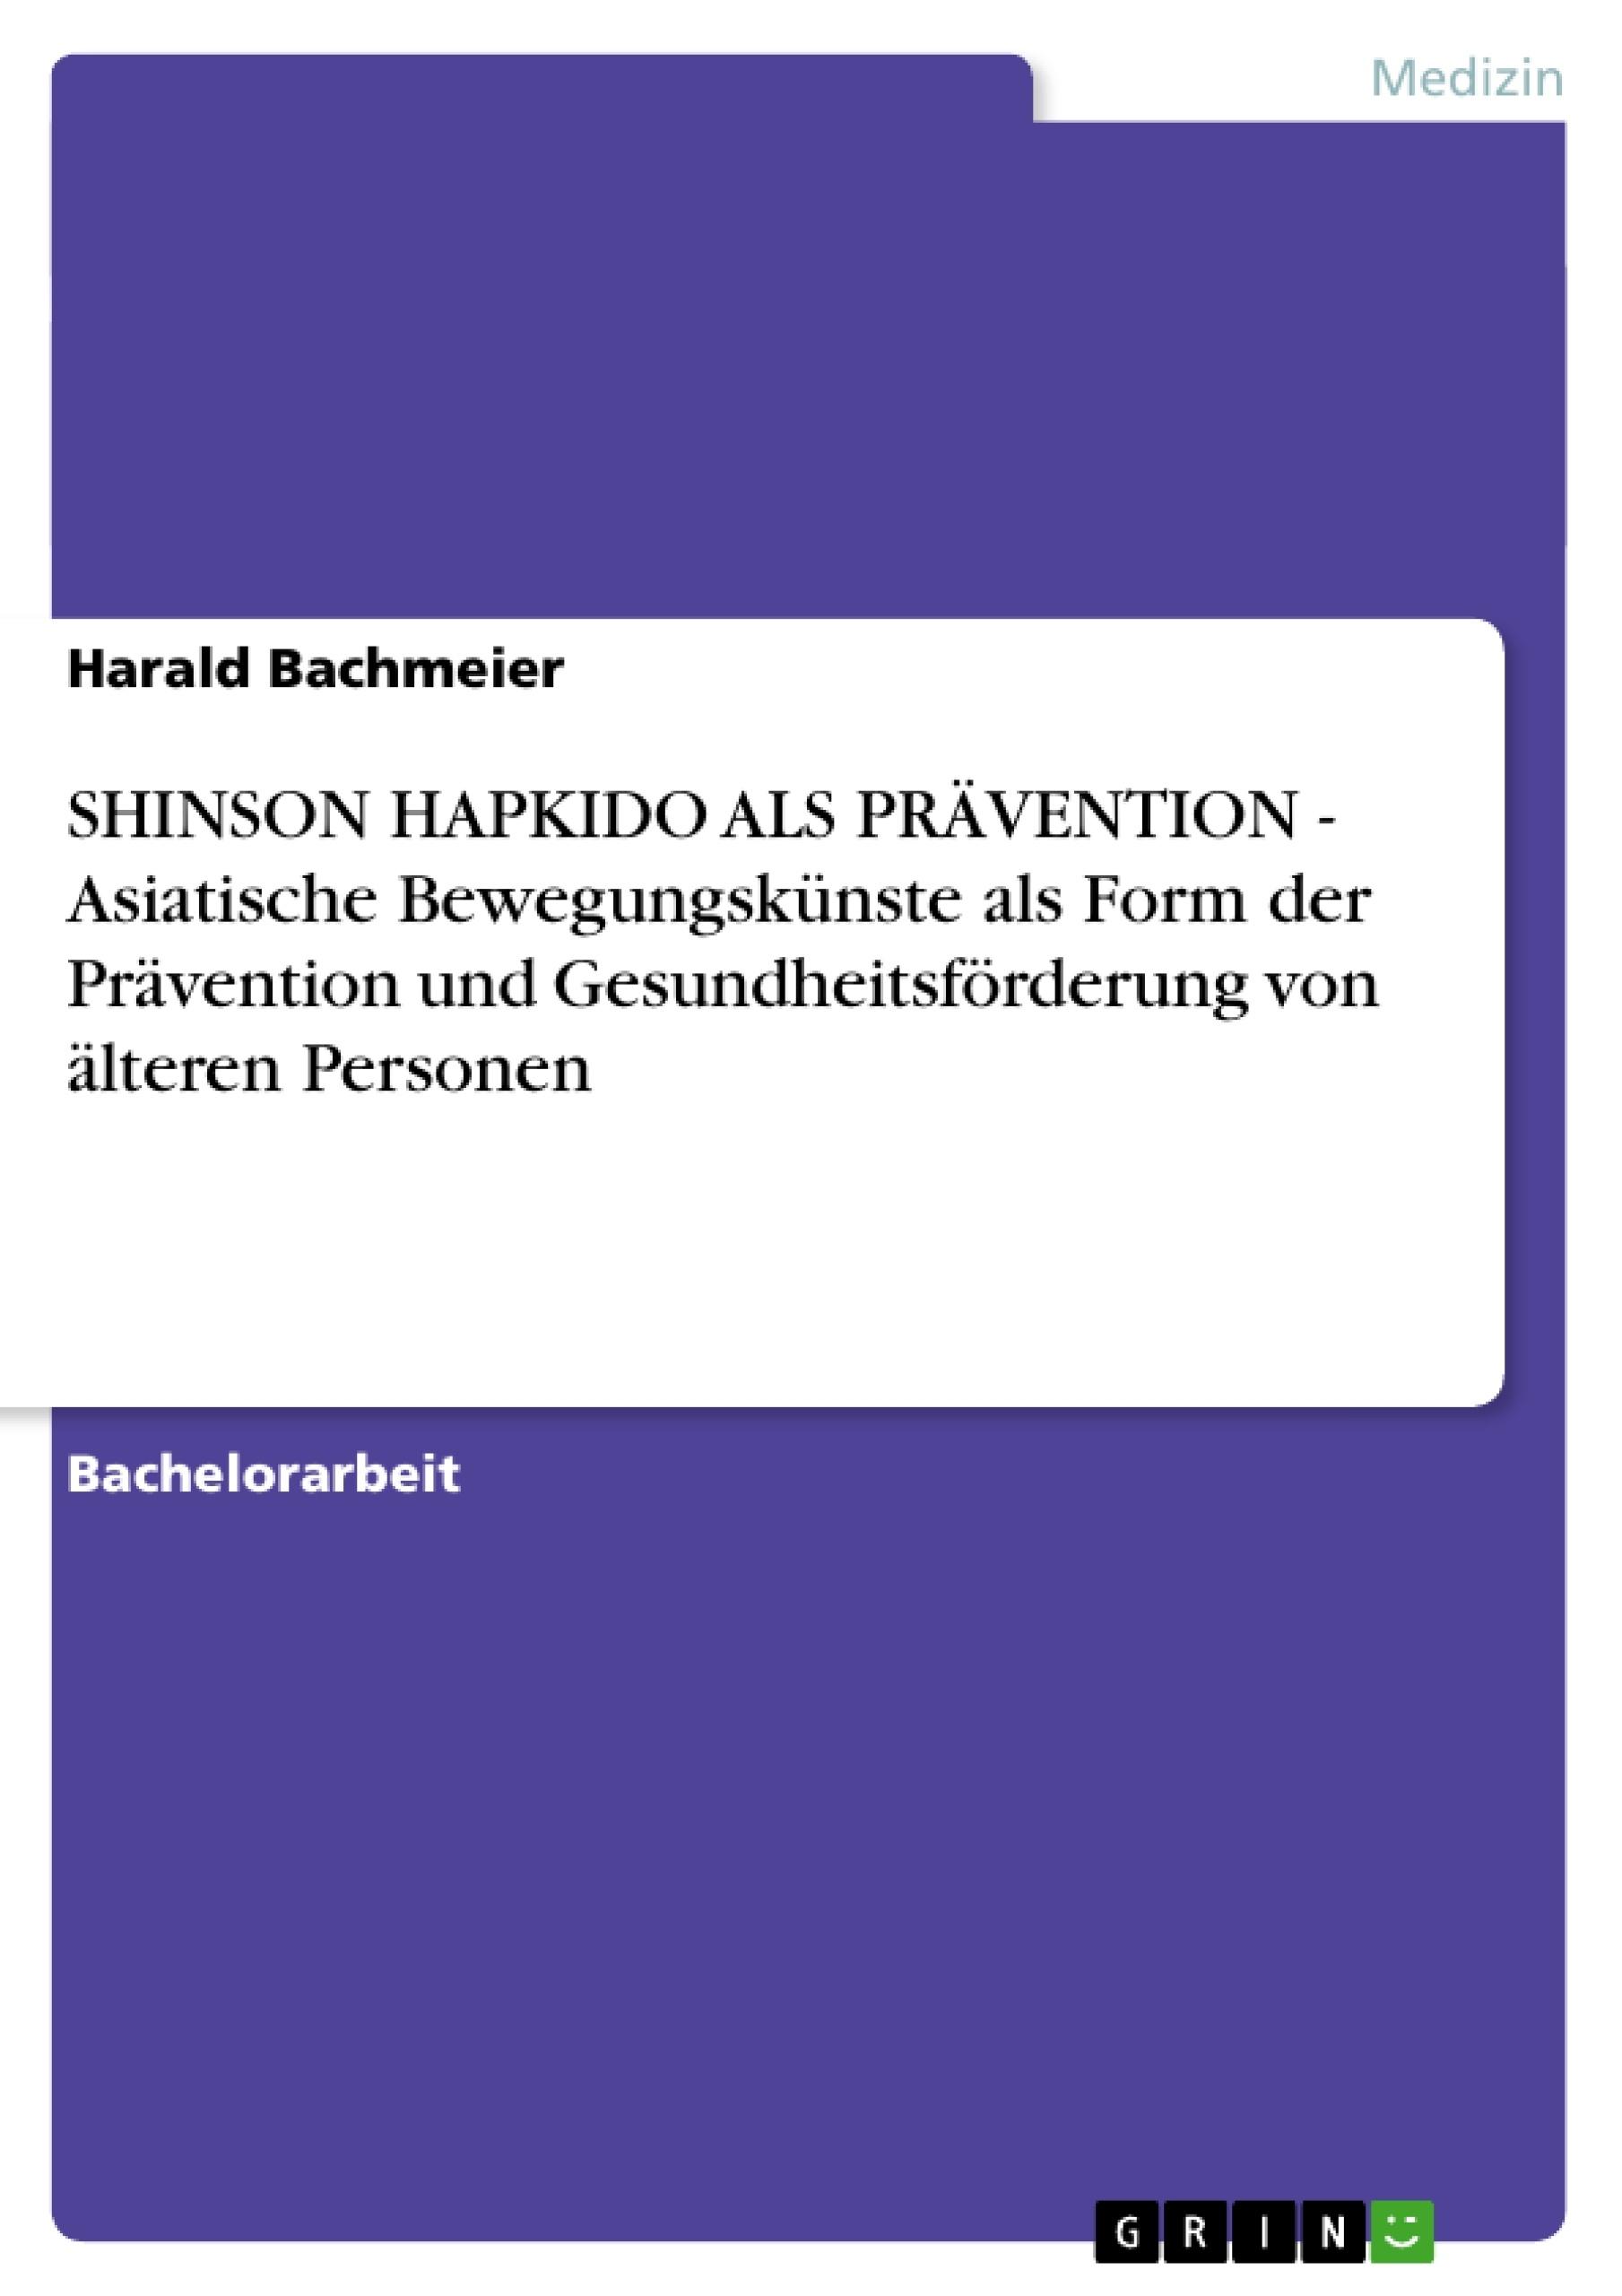 Titel: SHINSON HAPKIDO ALS PRÄVENTION - Asiatische Bewegungskünste als Form der Prävention und Gesundheitsförderung von älteren Personen